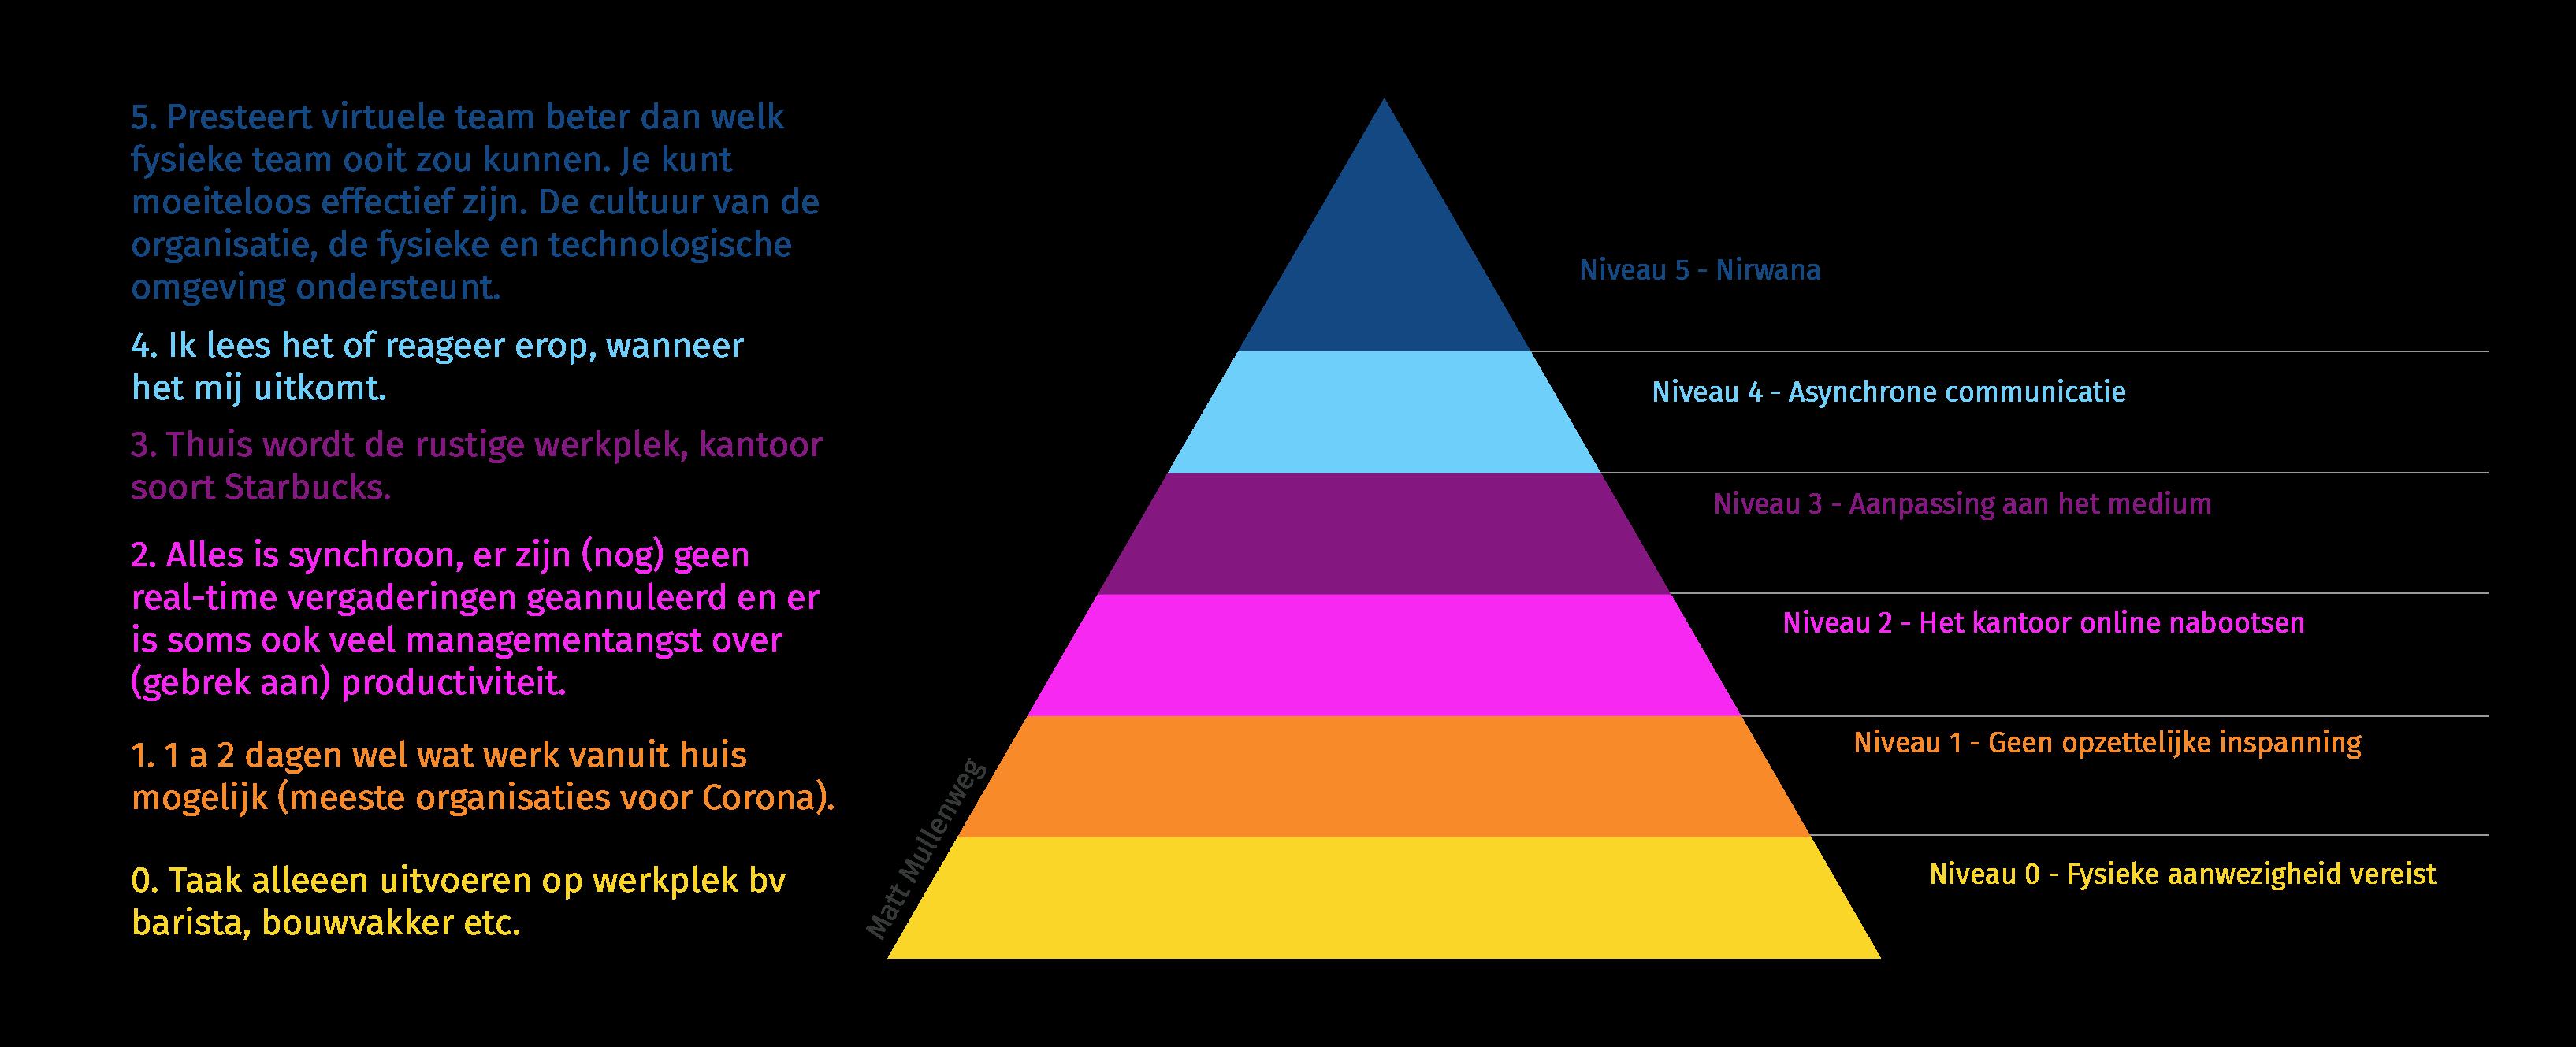 Piramide van Mullenberg